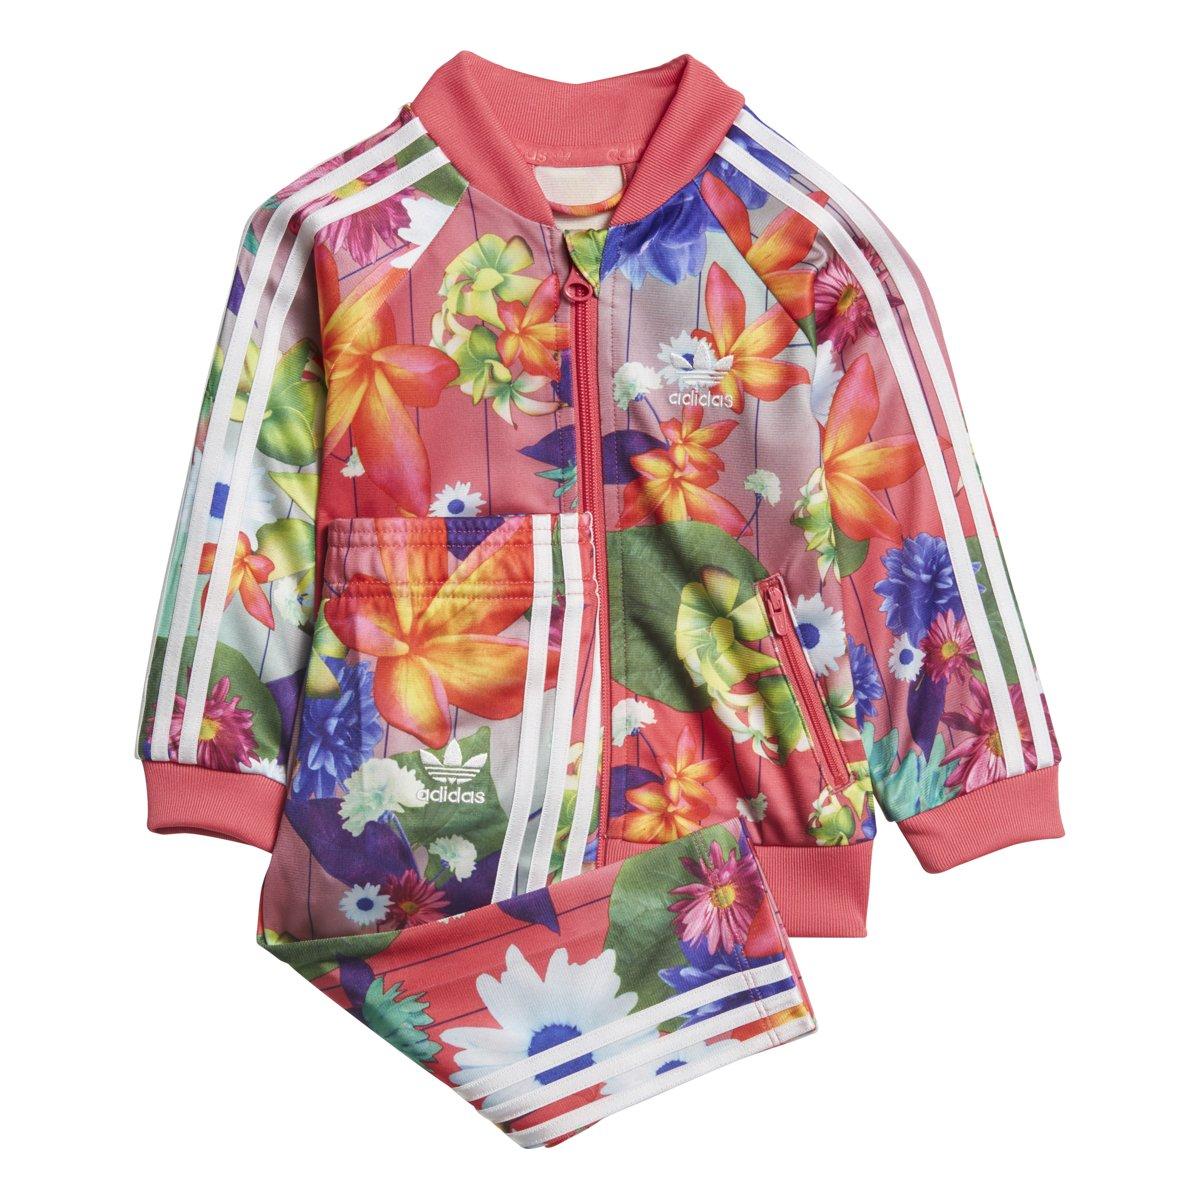 8317a279b Amazon.com: adidas Originals Girls Originals Graphic Superstar Tracksuit:  Clothing